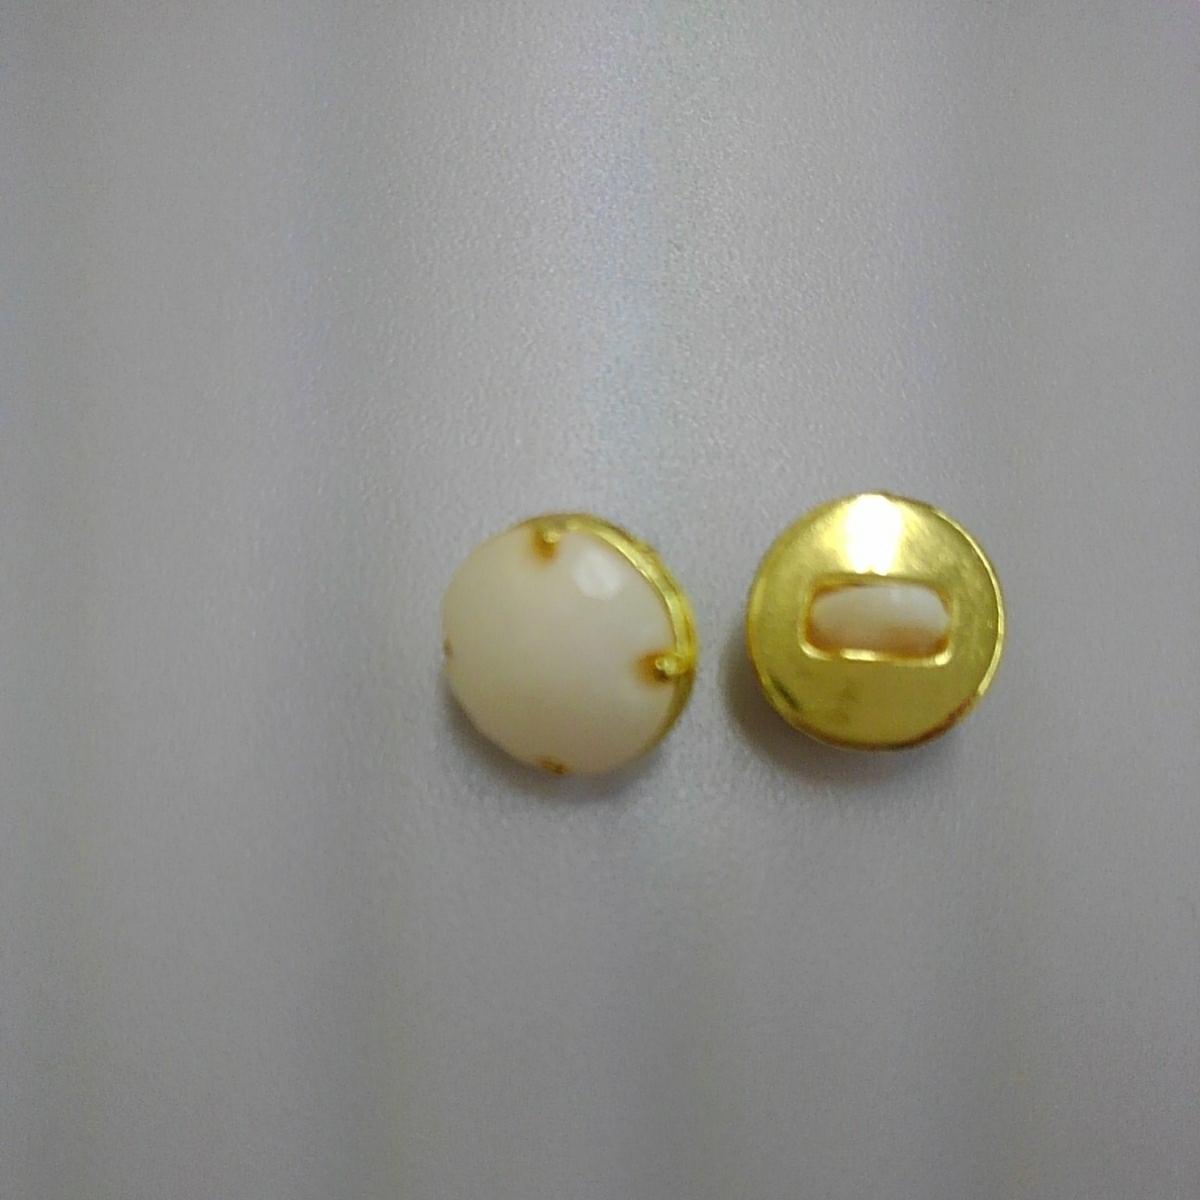 ◇ビジュー風ボタン クリーム×ゴールド 直径1.1cm 9個セット◇_画像2